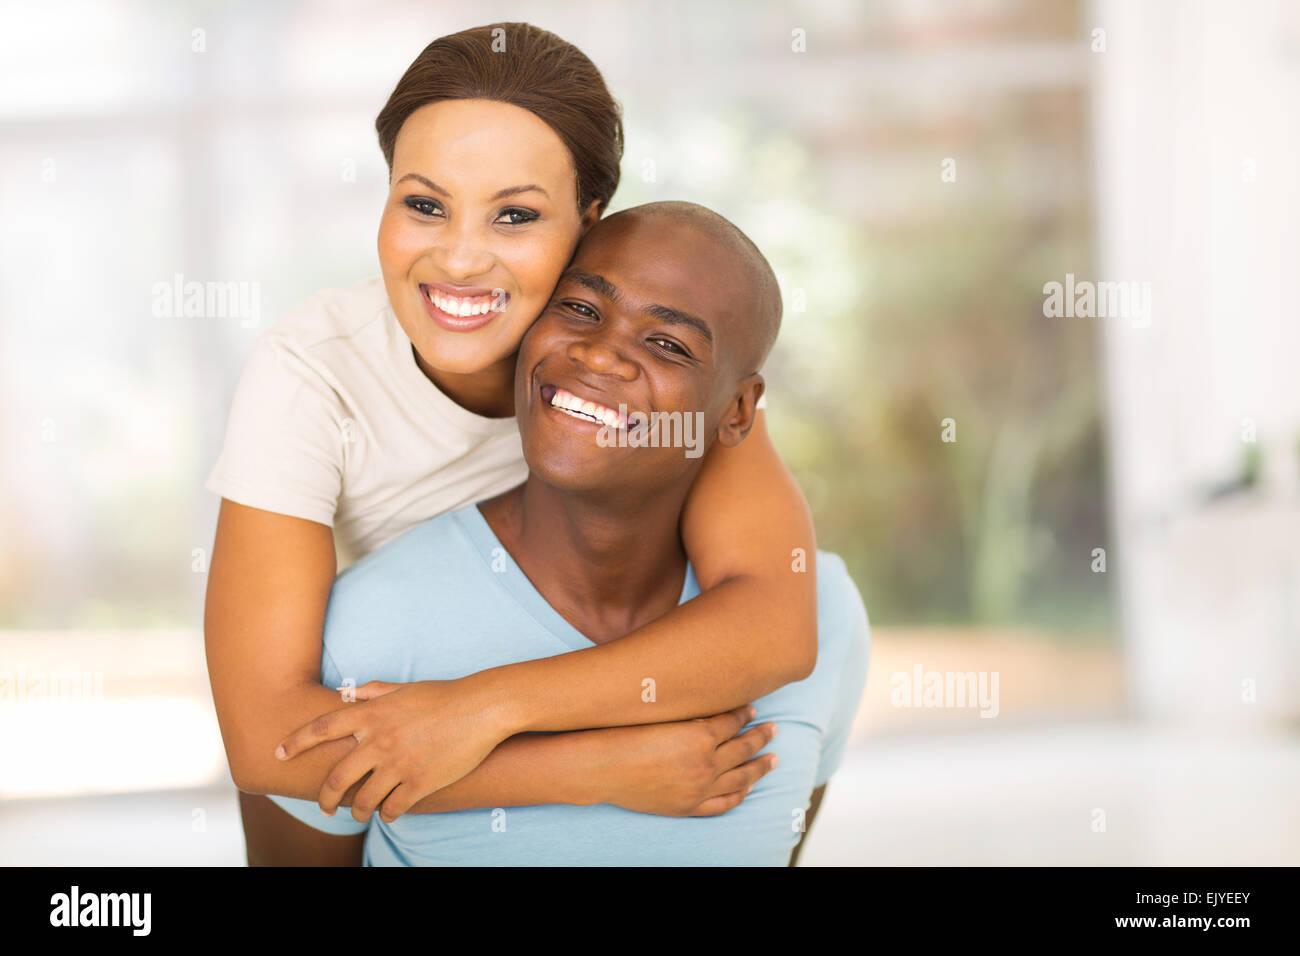 glücklich Afrikanerin Huckepack nehmen Fahrt auf Freund genießen Stockbild